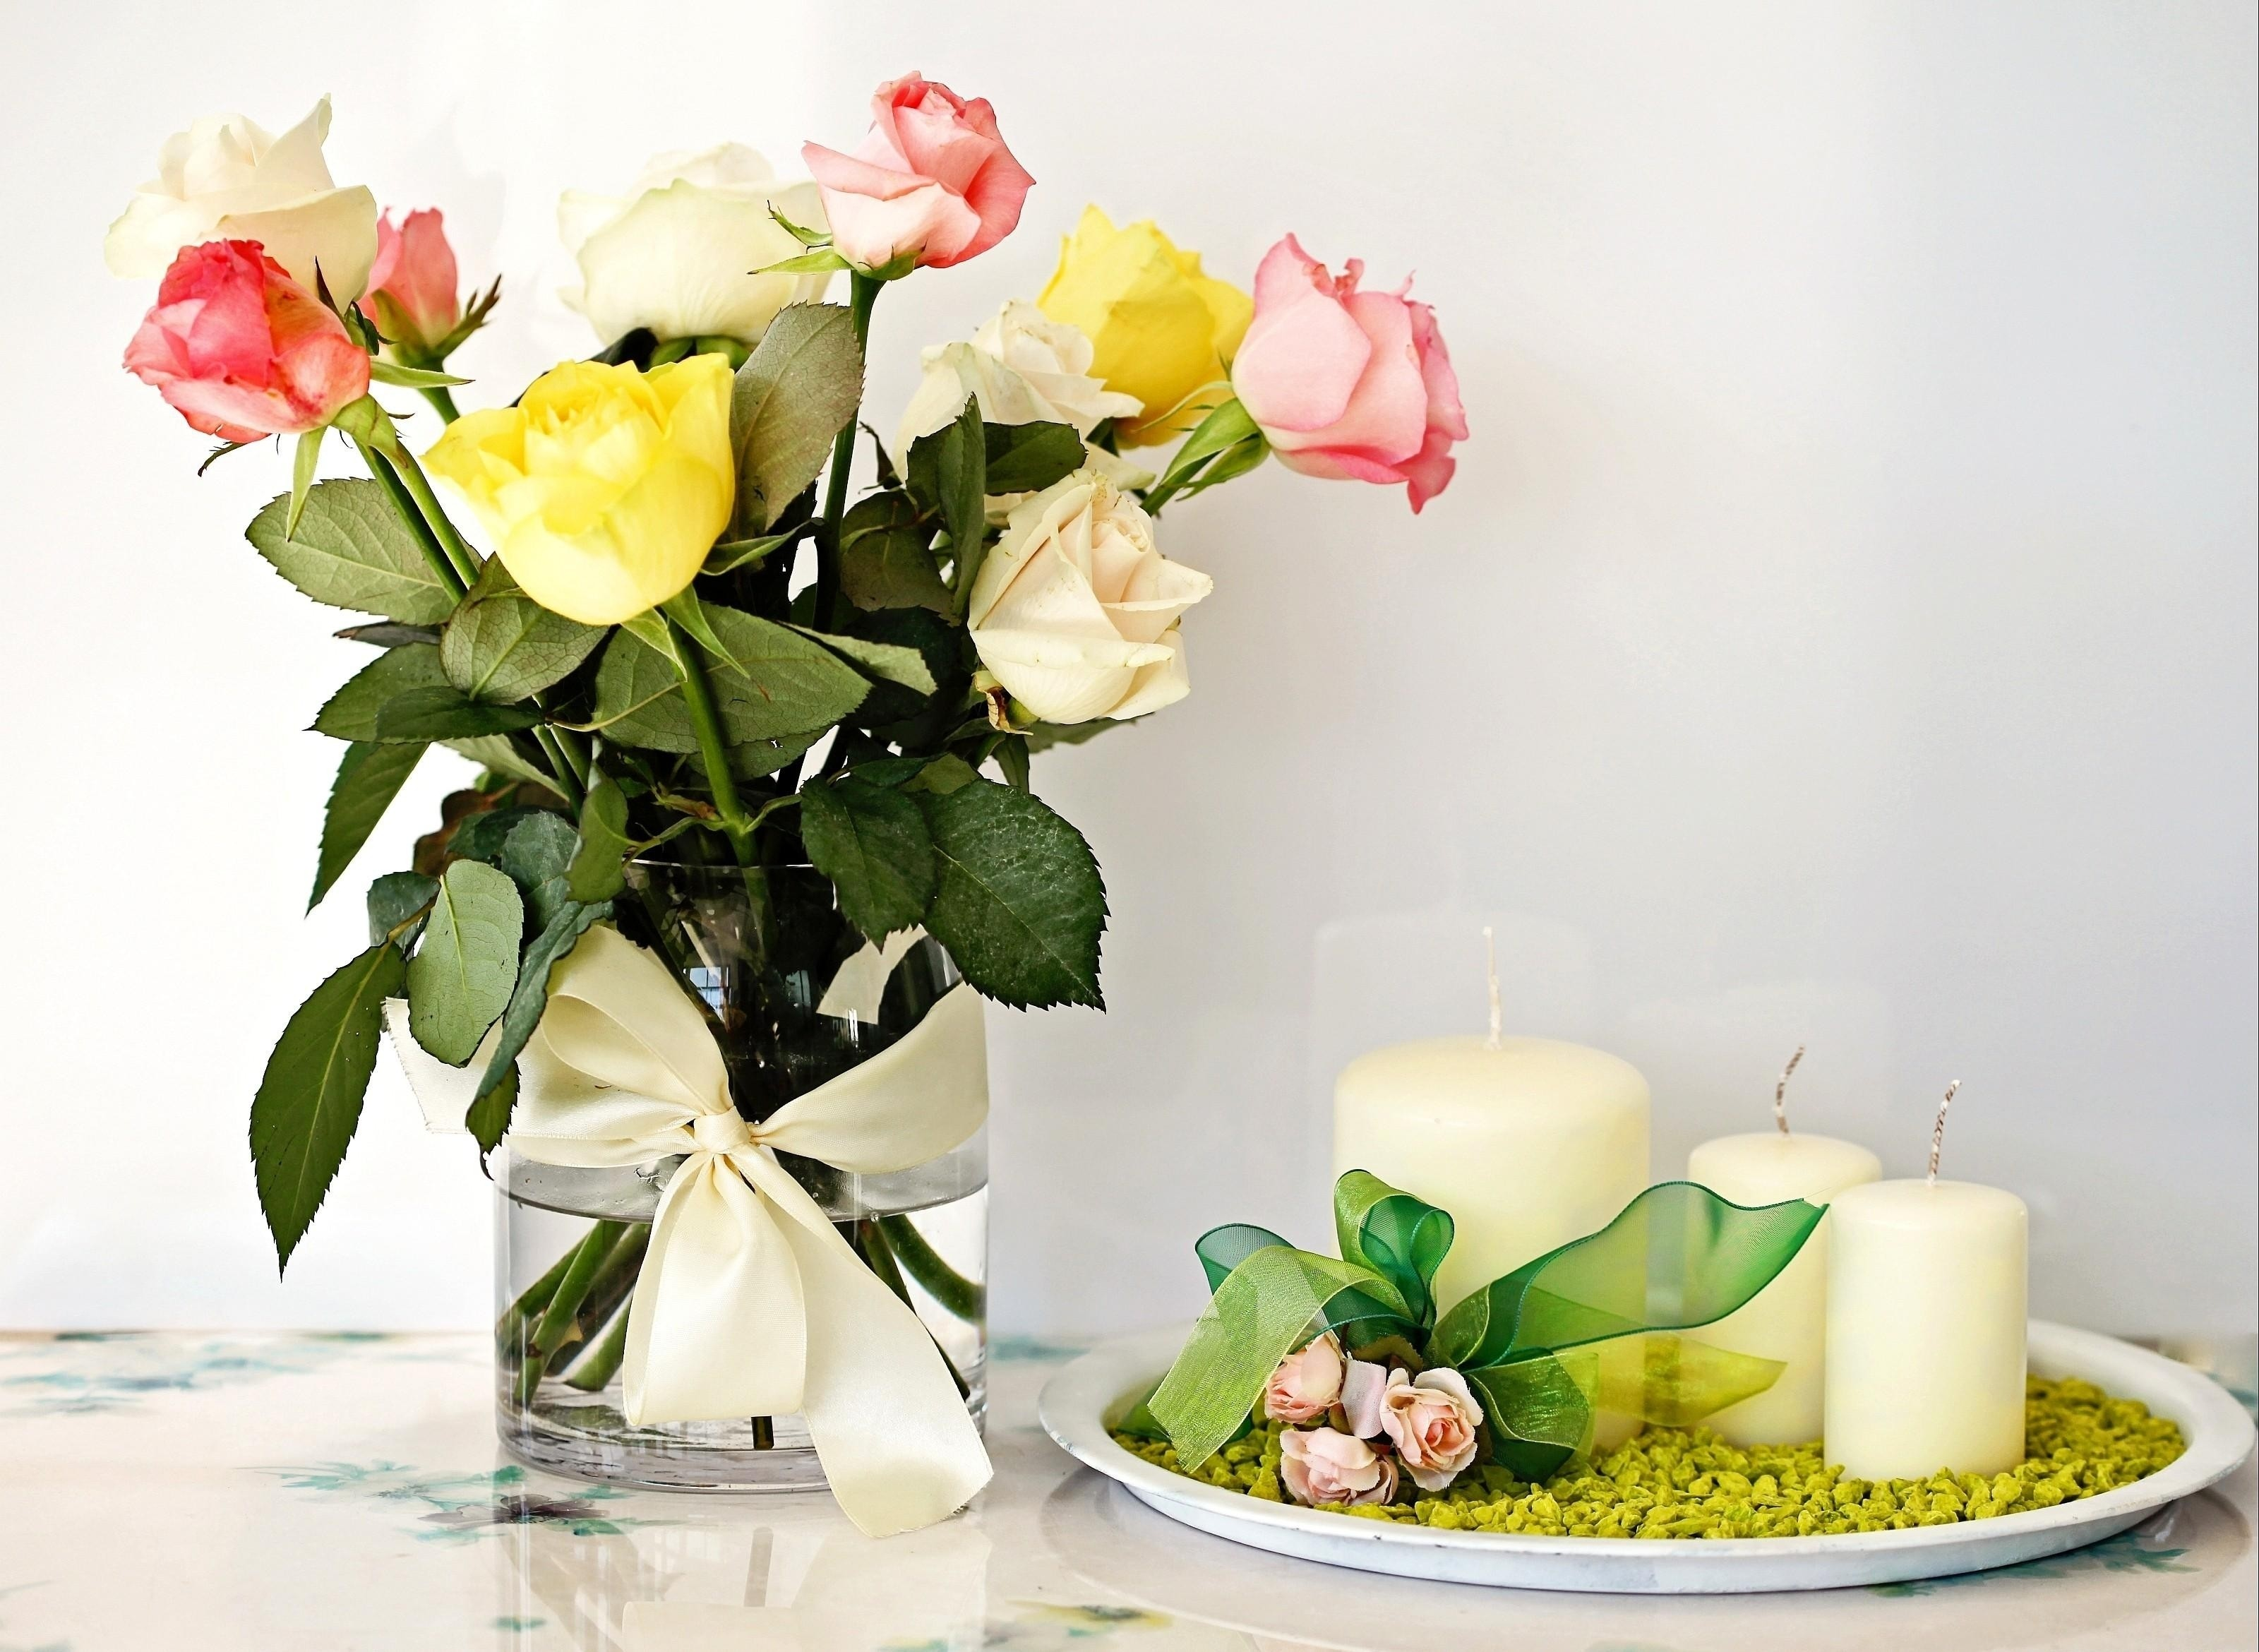 156856 Hintergrundbild herunterladen Blumen, Roses, Kerzen, Strauß, Bouquet, Vase, Komposition, Zusammensetzung - Bildschirmschoner und Bilder kostenlos